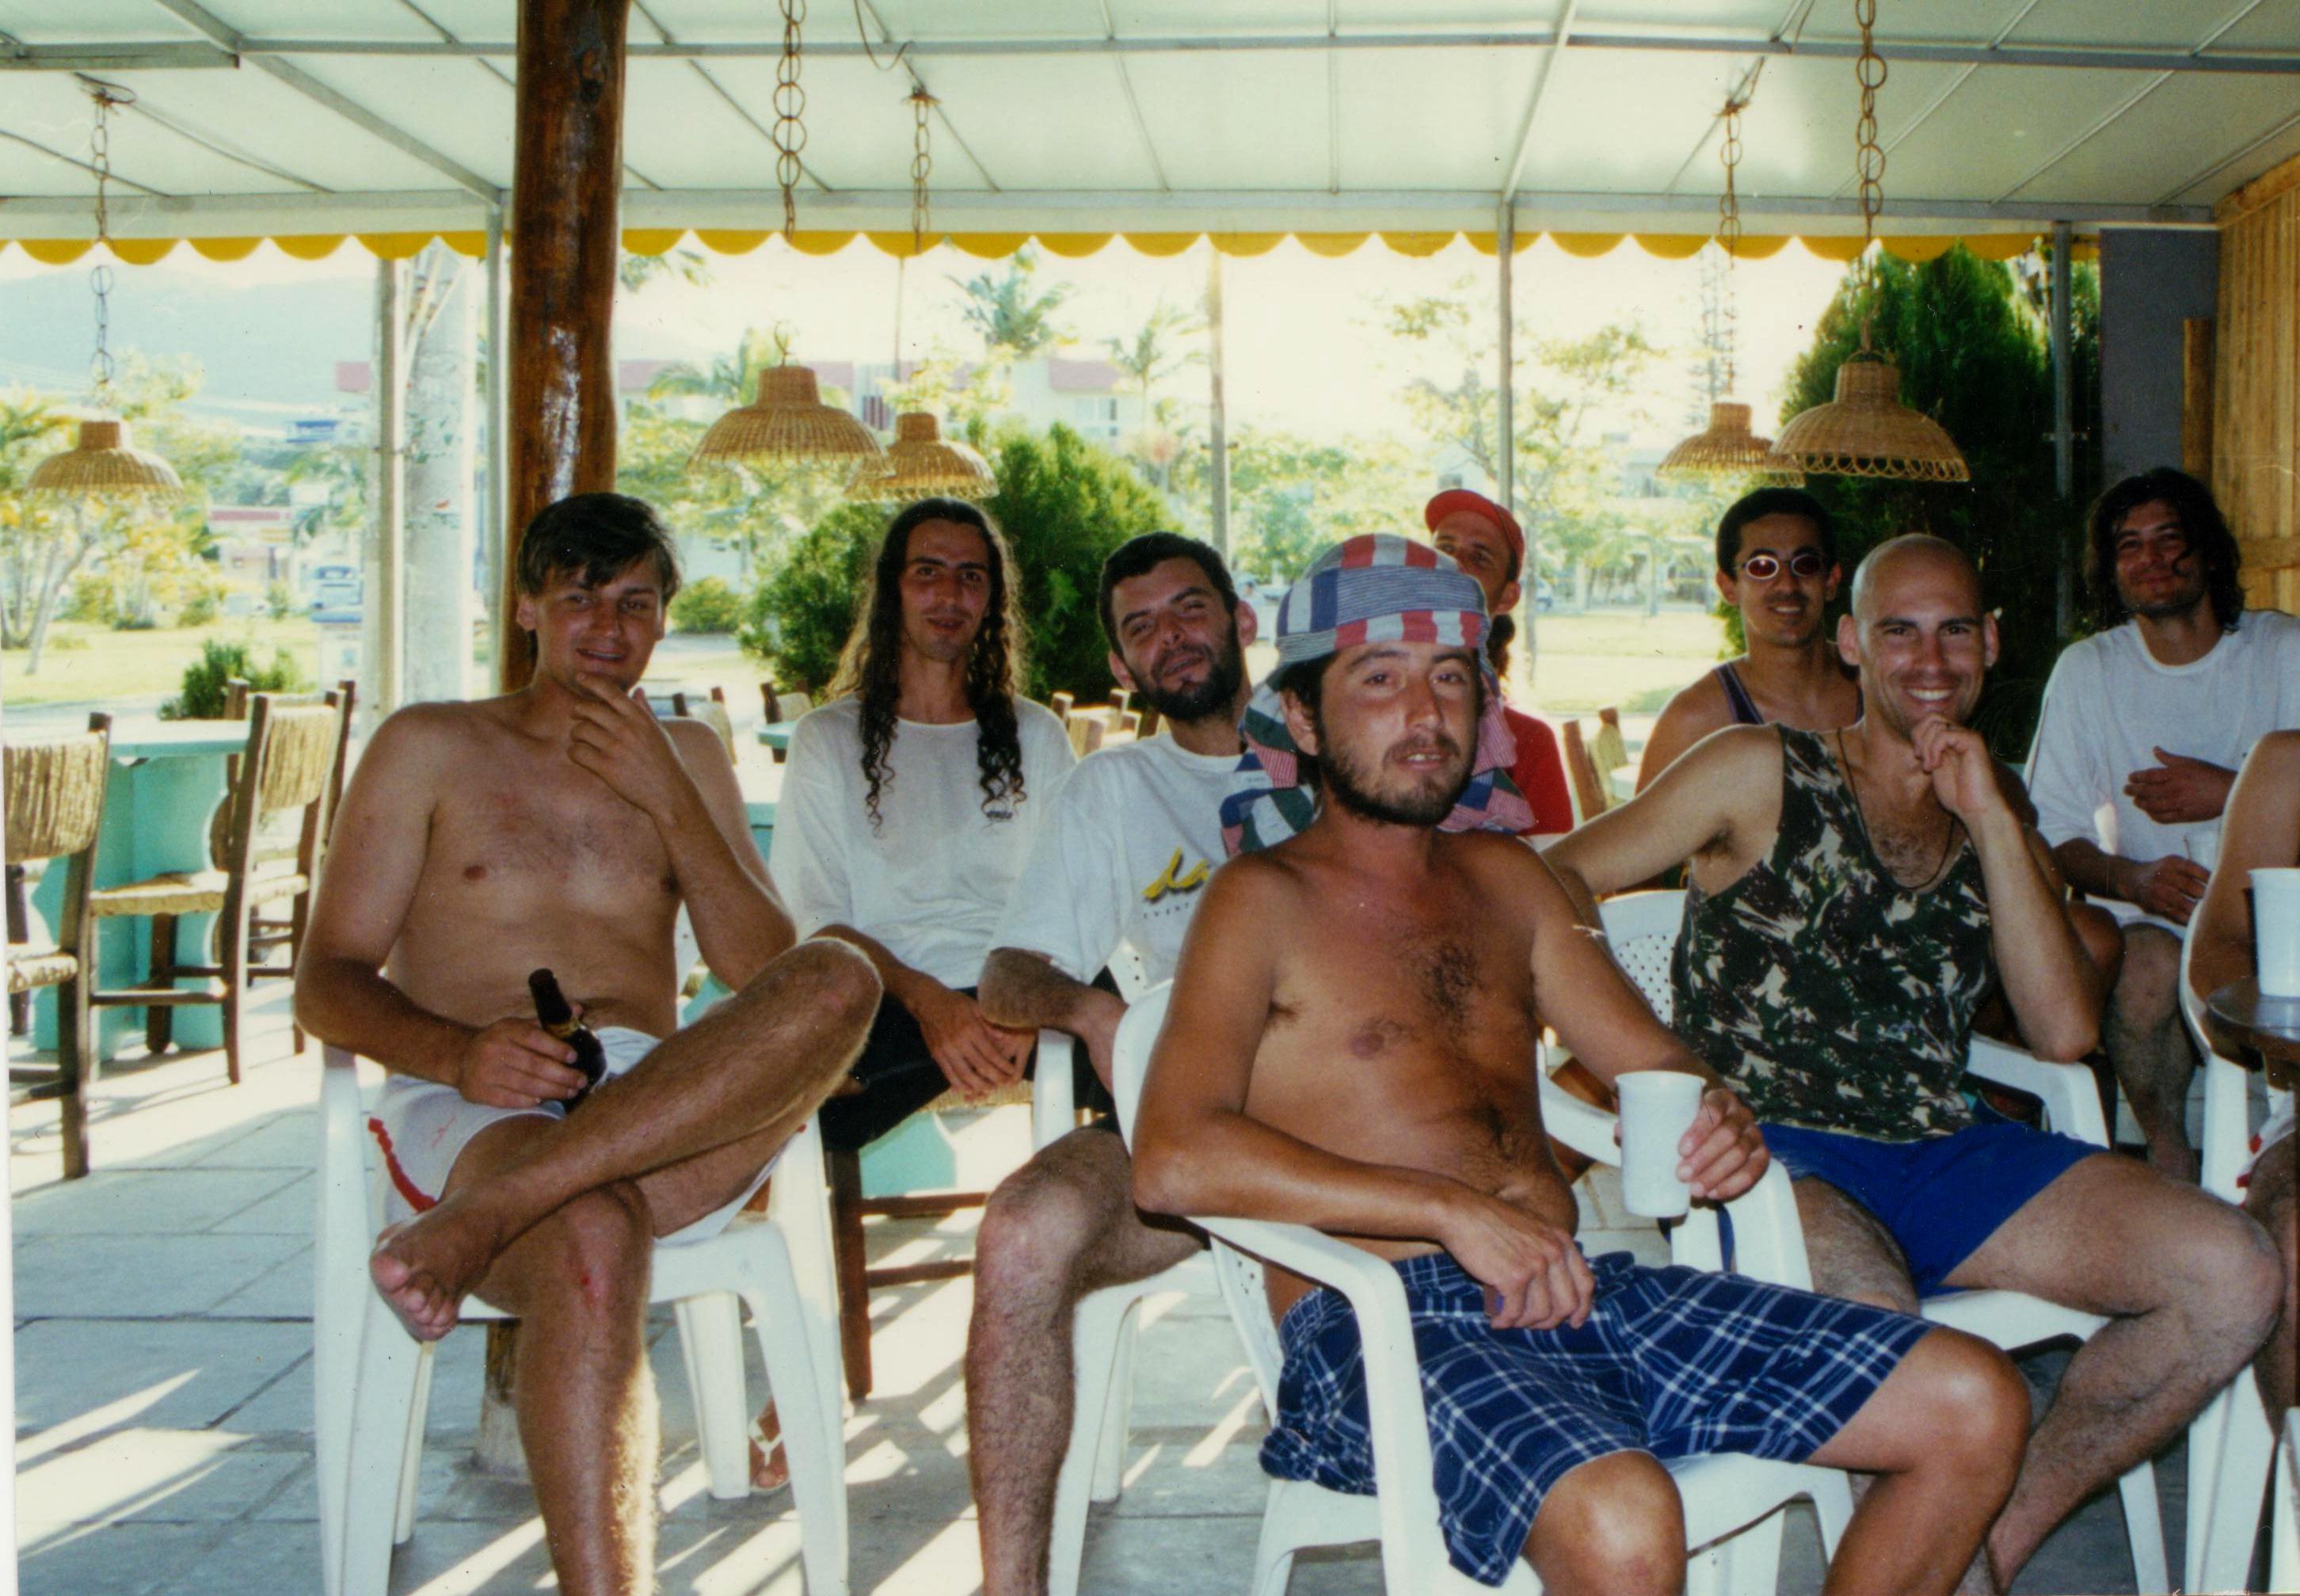 Em boa companhia: Lu (o careca), com o Xande em primeiro plano, Candôco atrás deste, Dida à esq., e no fundo Cezinha, Alex e Maninho